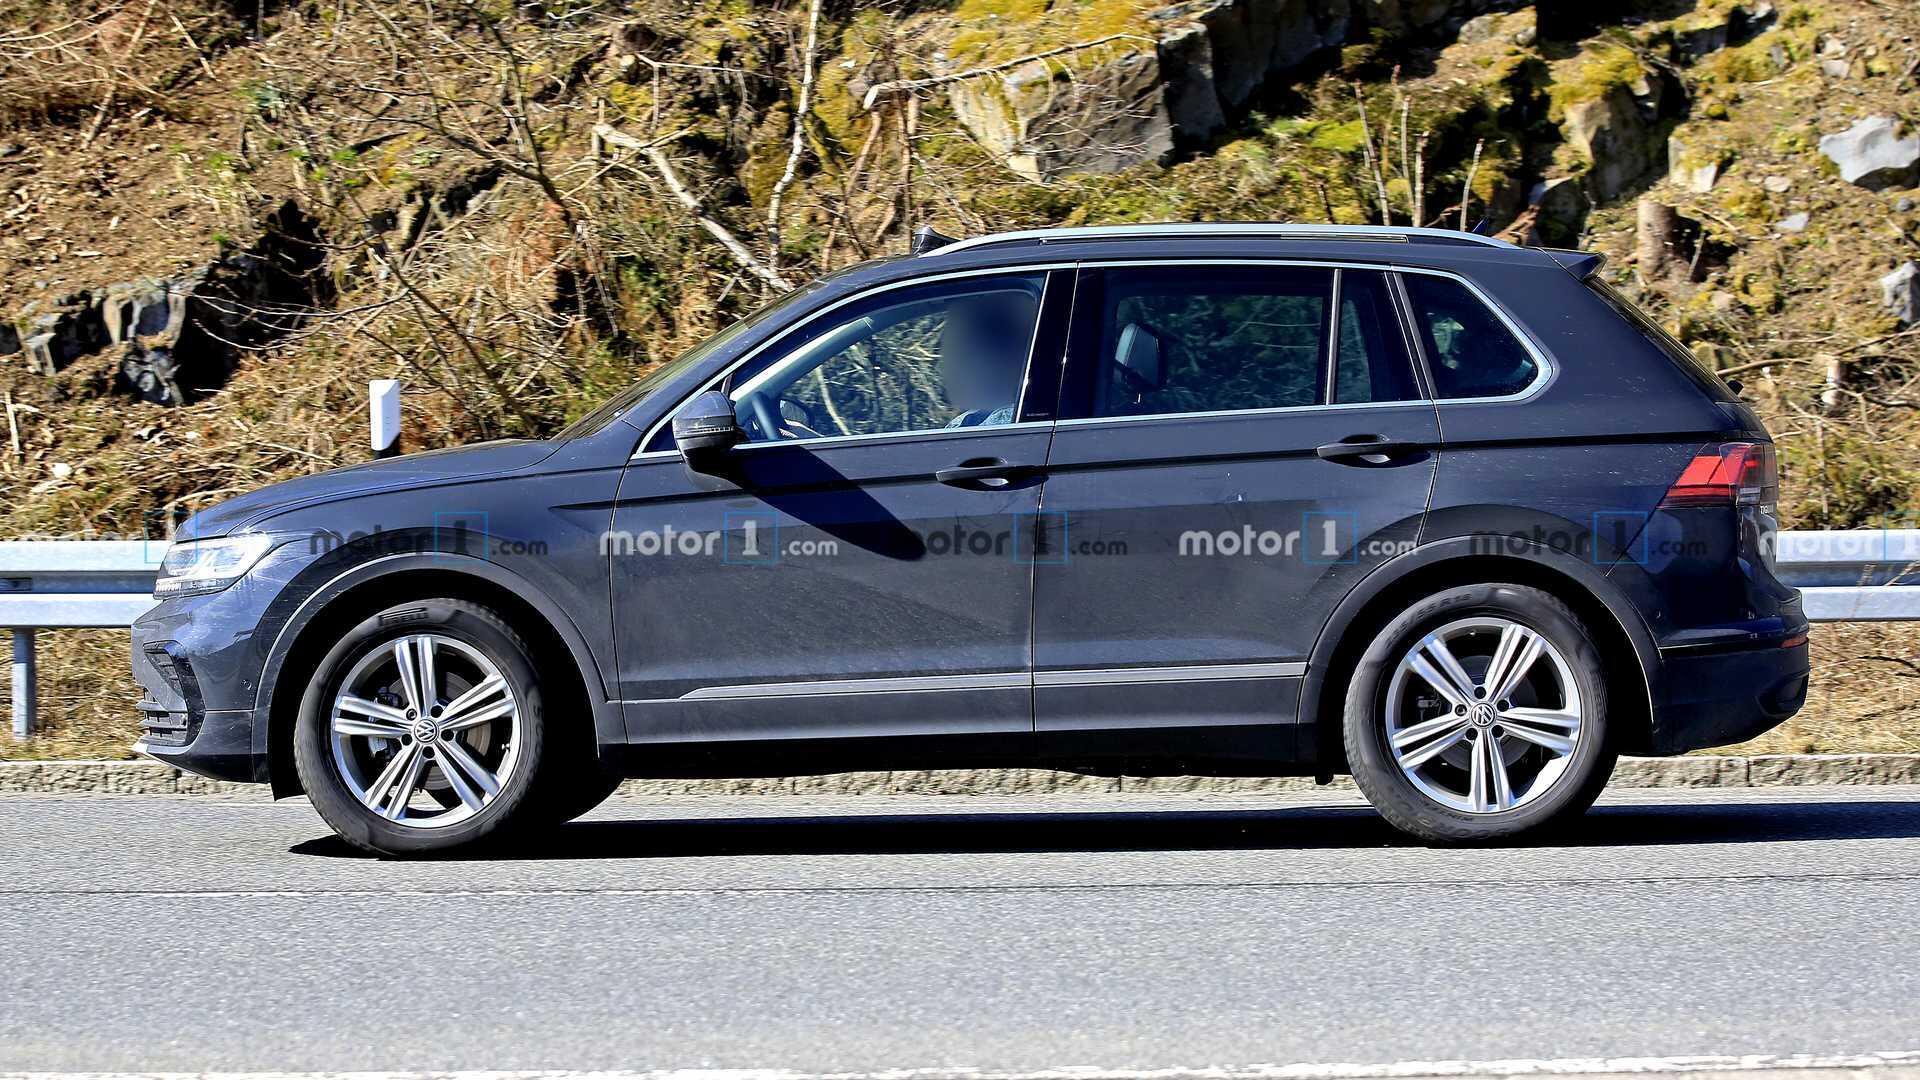 volkswagen-tiguan-facelift-spy-photo-3.jpg